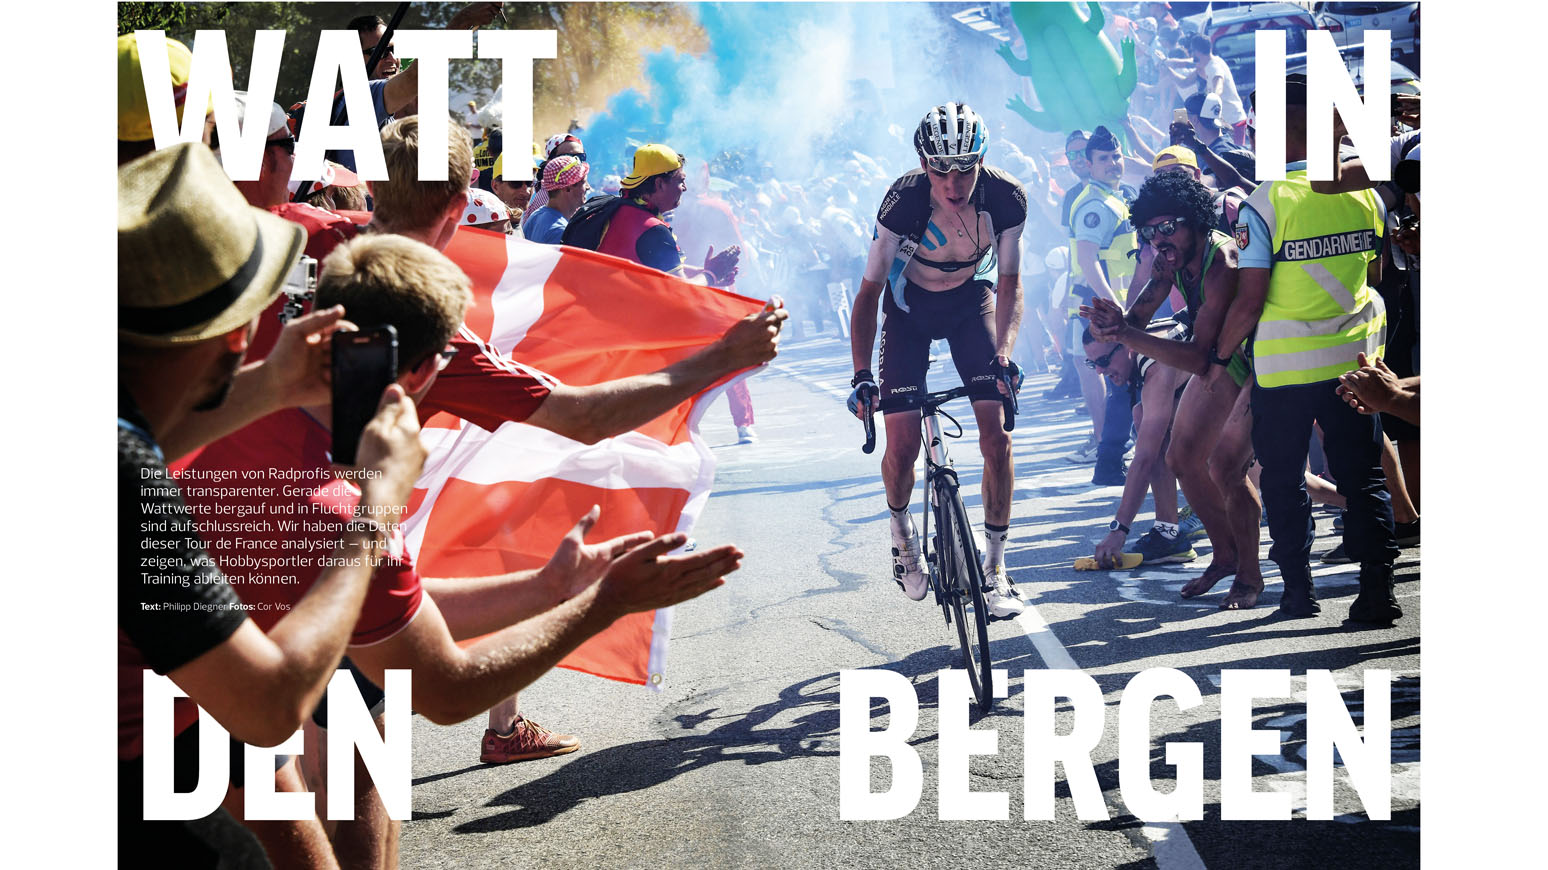 Training für die Berge. Was macht einen starken Fahrer aus? Die Watt-Werte der Tour de France in der Analyse